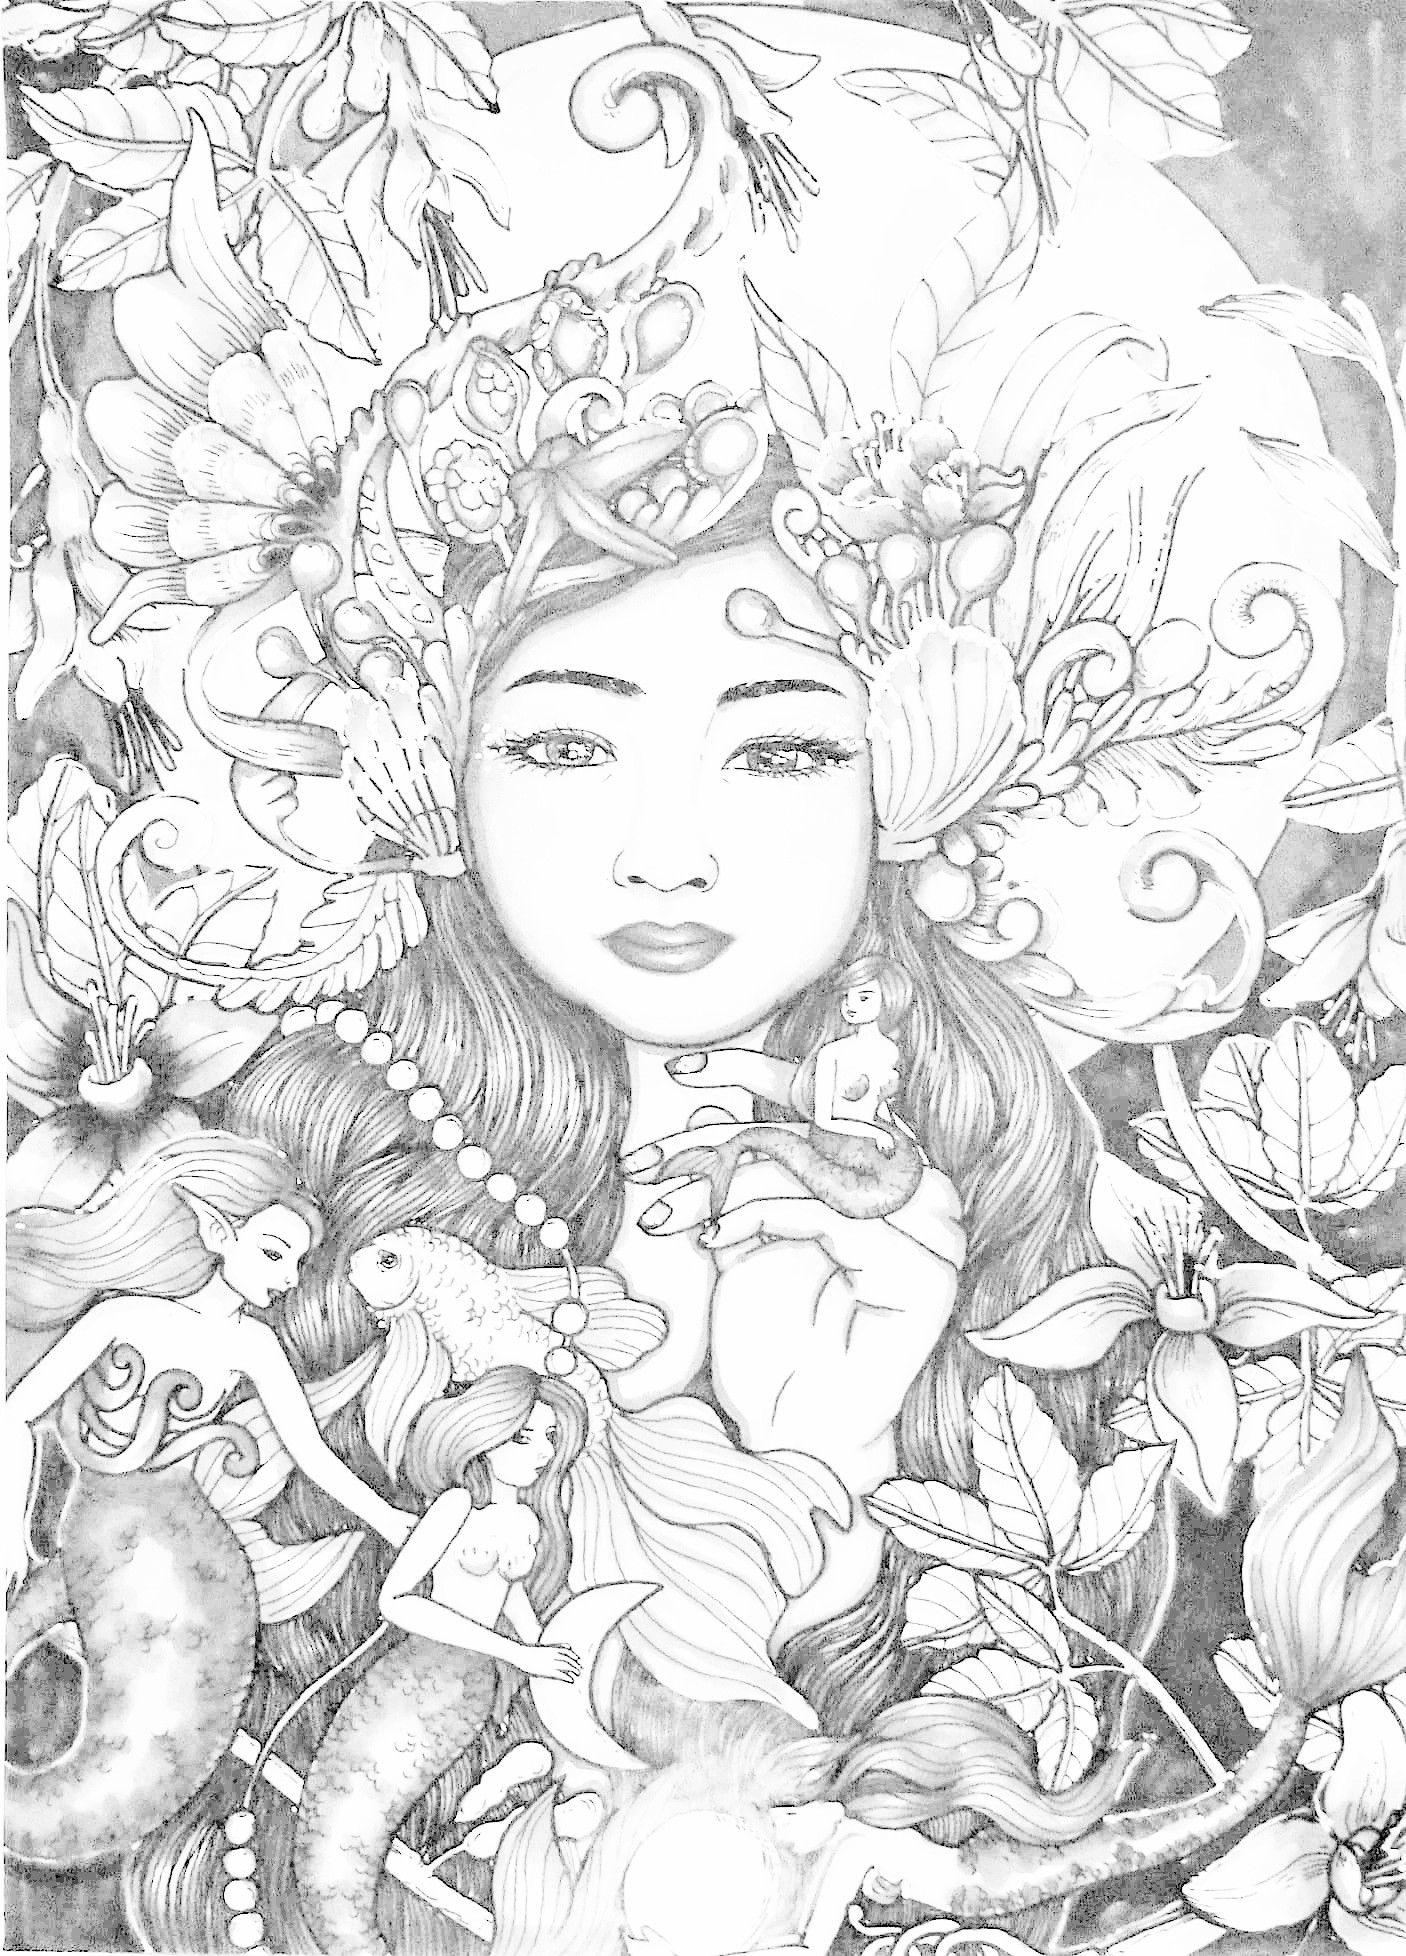 Pin de Encantary en Desenhos - Riscos e rabiscos | Pinterest ...